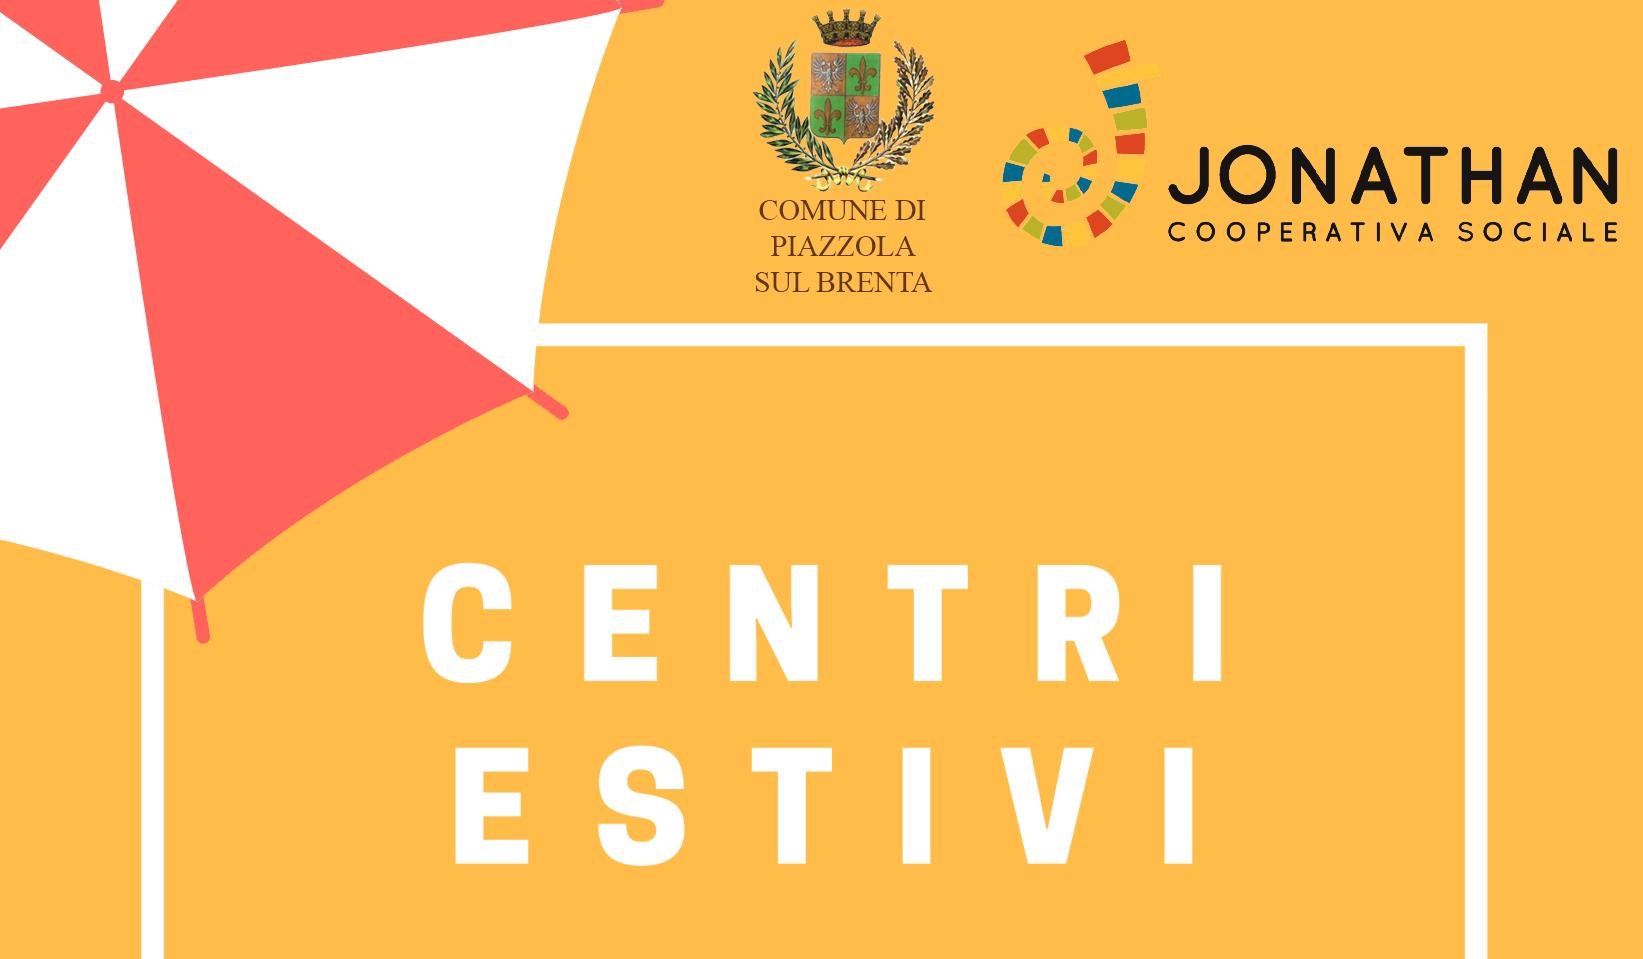 Piscina Piazzola Sul Brenta centri estivi 2019 - jonathan cooperativa sociale